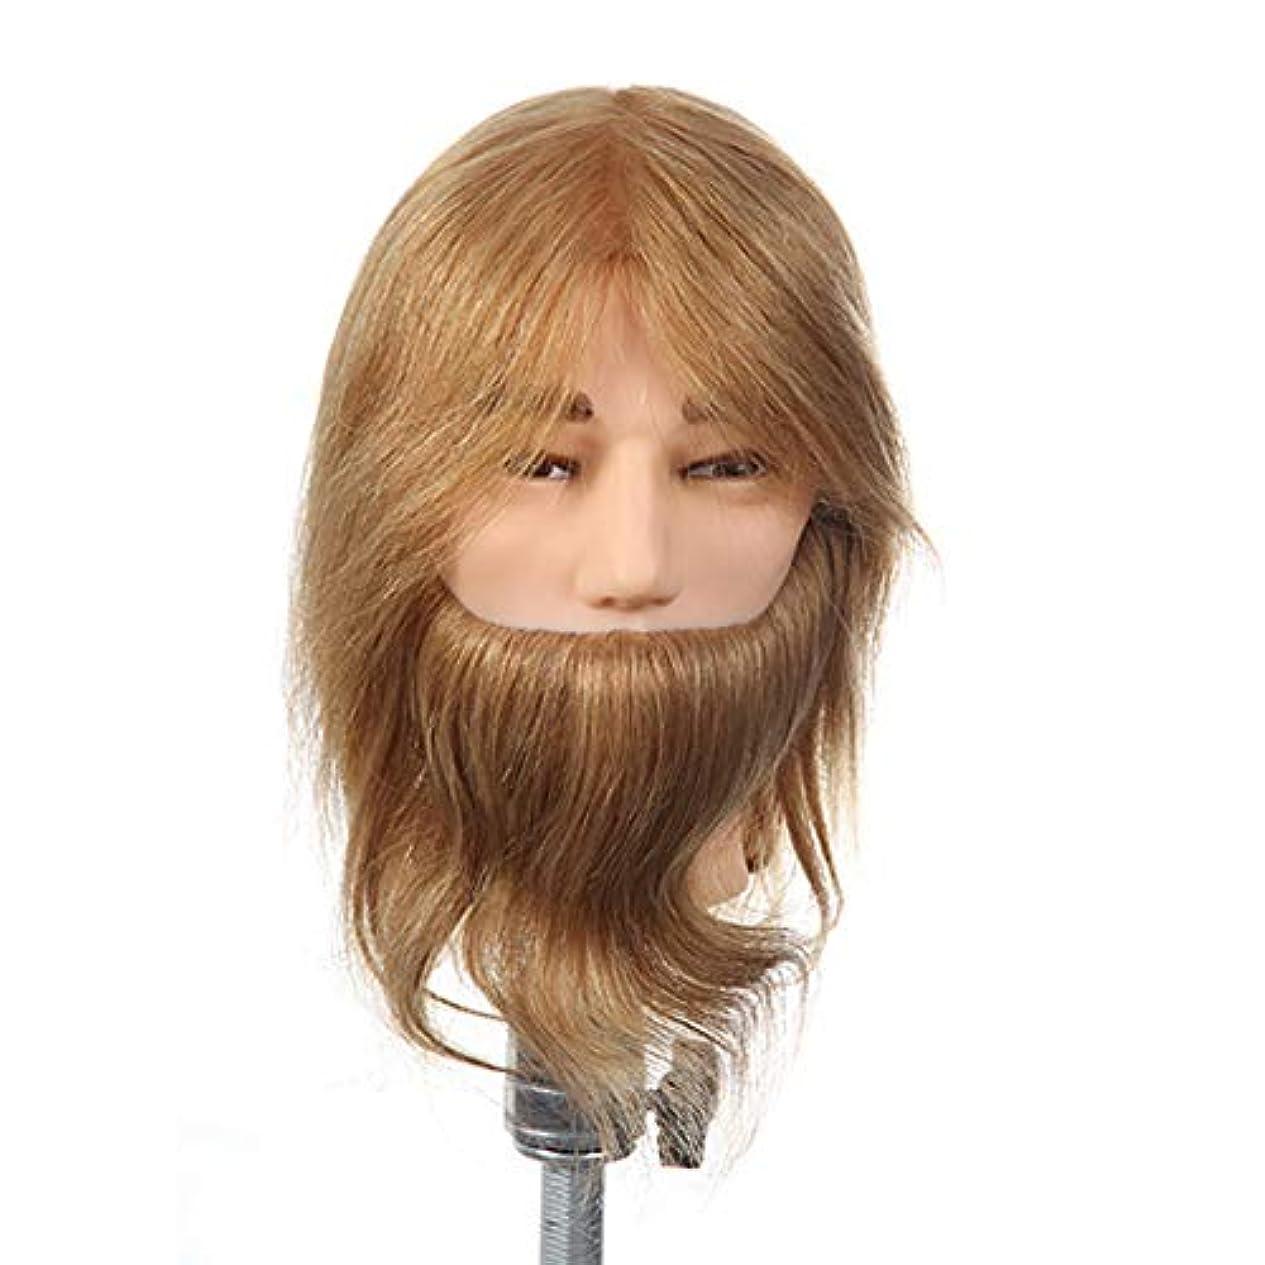 嫌な傷つけるブラジャーサロン学習パーマ髪染めマネキン男スタイリングかつらティーチングヘッドリアル人間の髪ダミーヘッド付きひげロングヘアゴールド